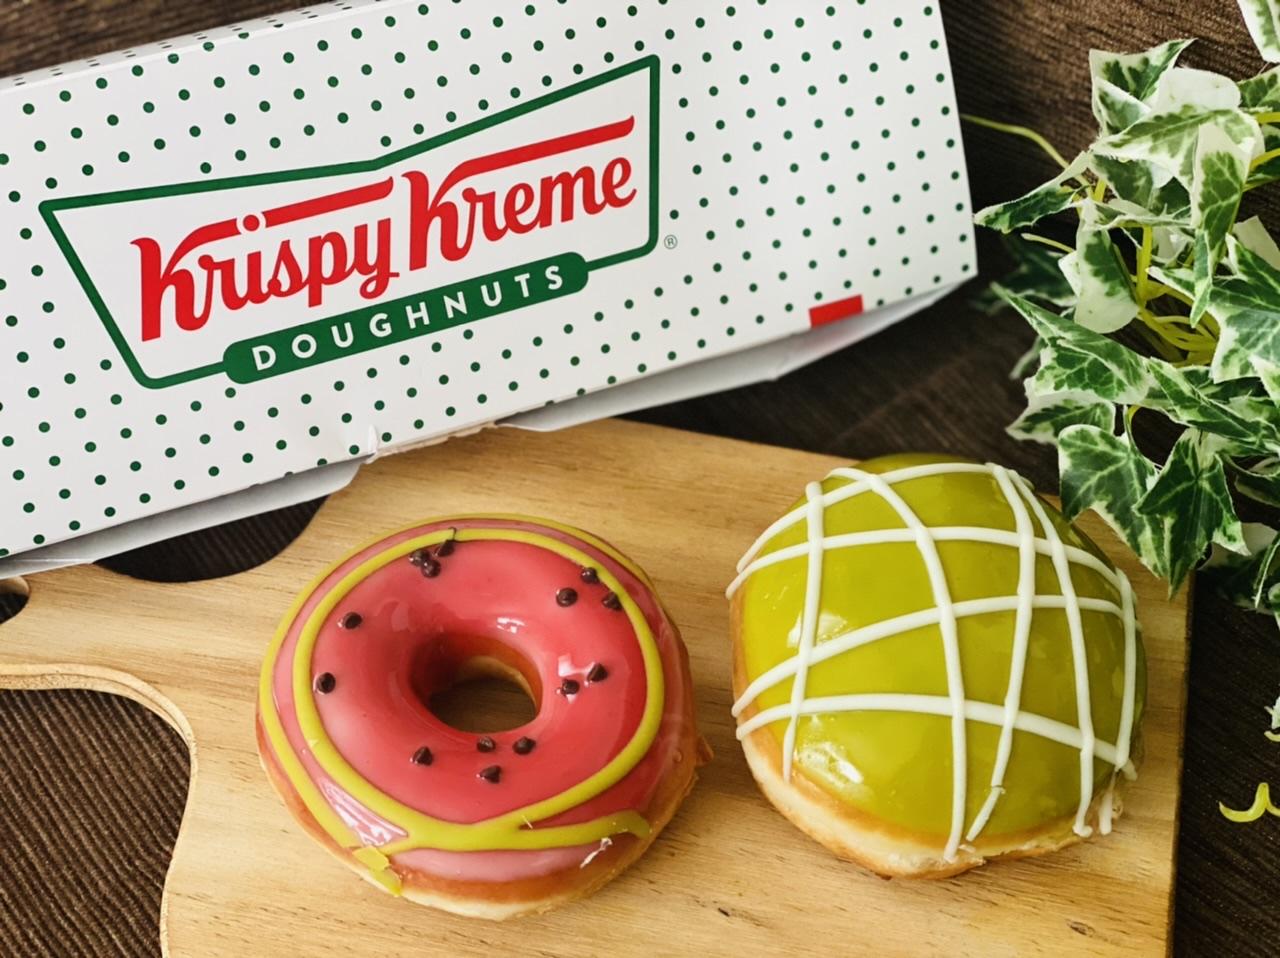 【クリスピー・クリーム・ドーナツ】まるでスイカとメロン♡初夏限定ドーナツが可愛すぎる!_1